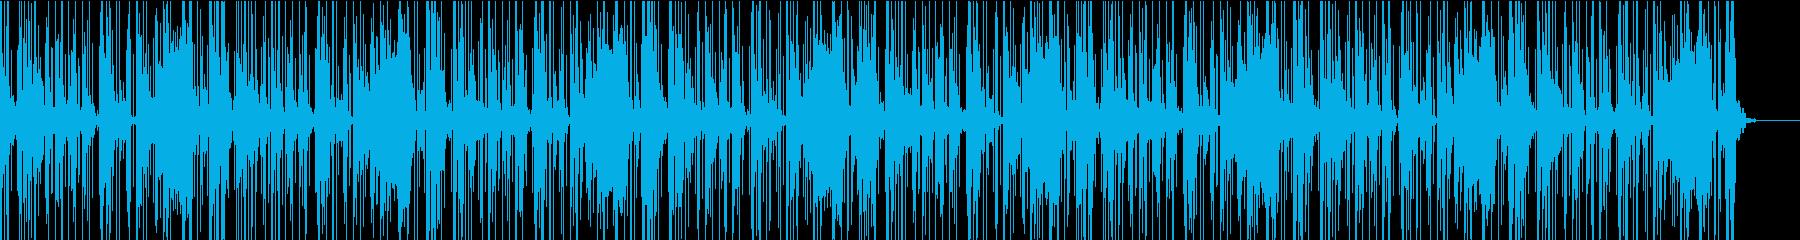 ゆるふわとサイケの黄金比BGM!の再生済みの波形